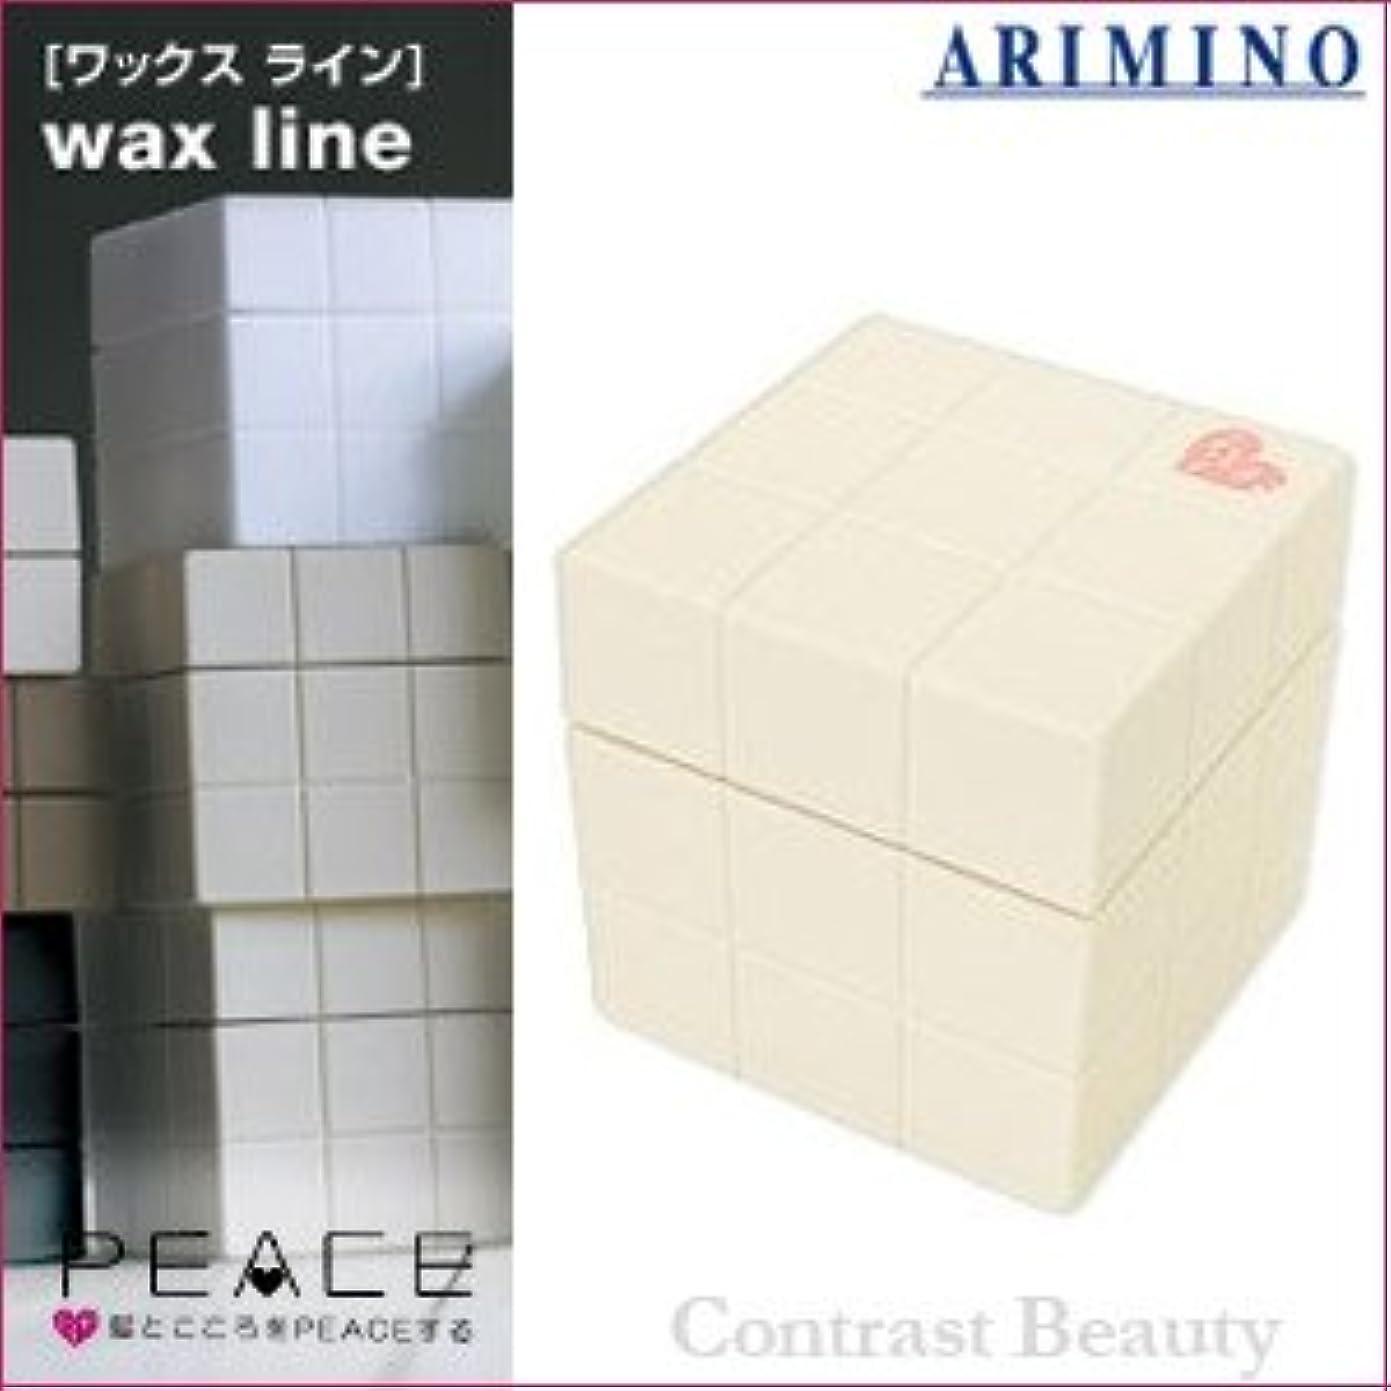 【x2個セット】 アリミノ ピース プロデザインシリーズ ニュアンスワックス バニラ 80g